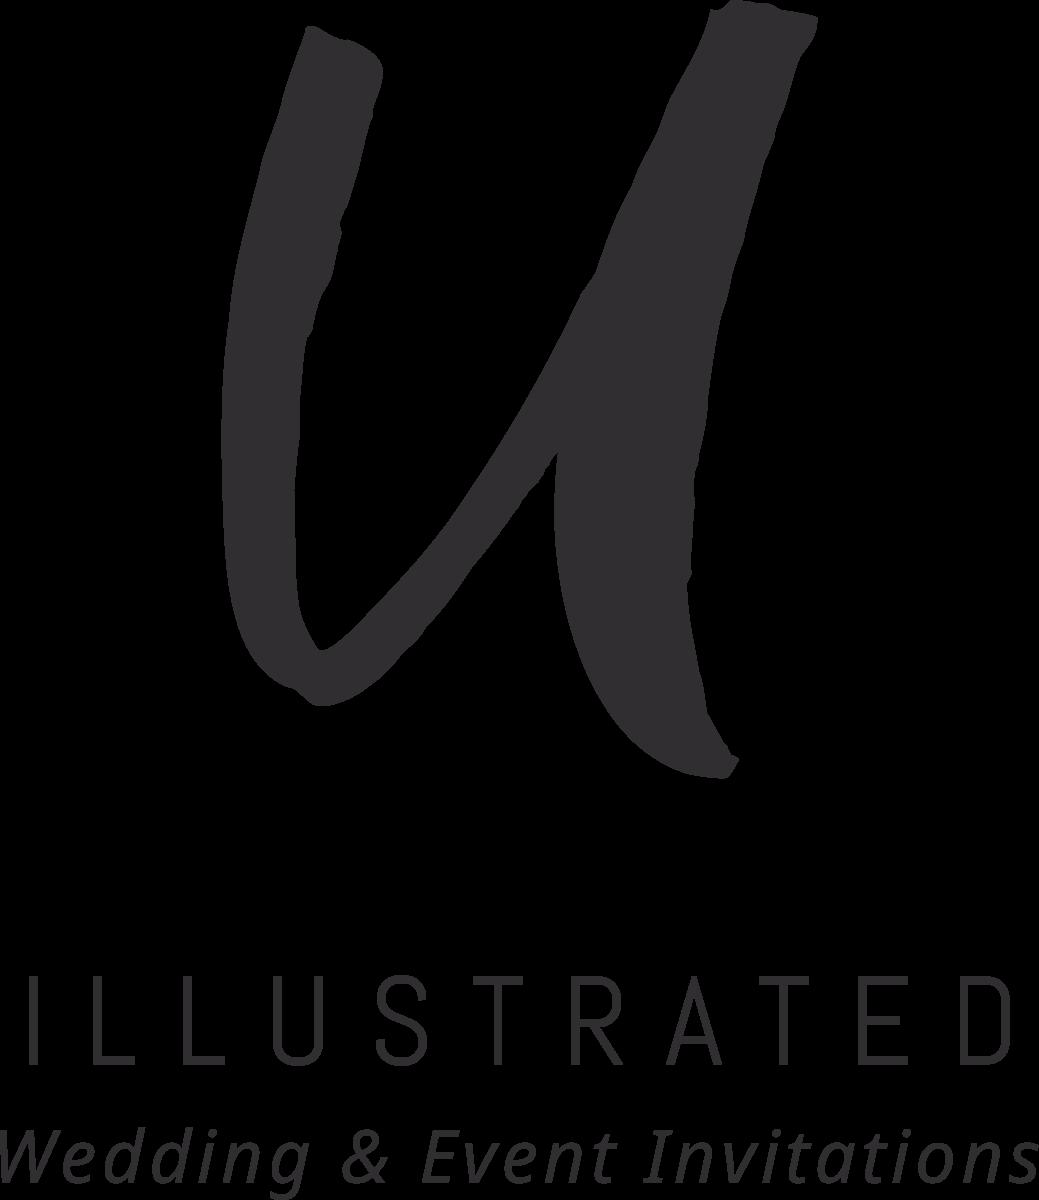 U Illustrated